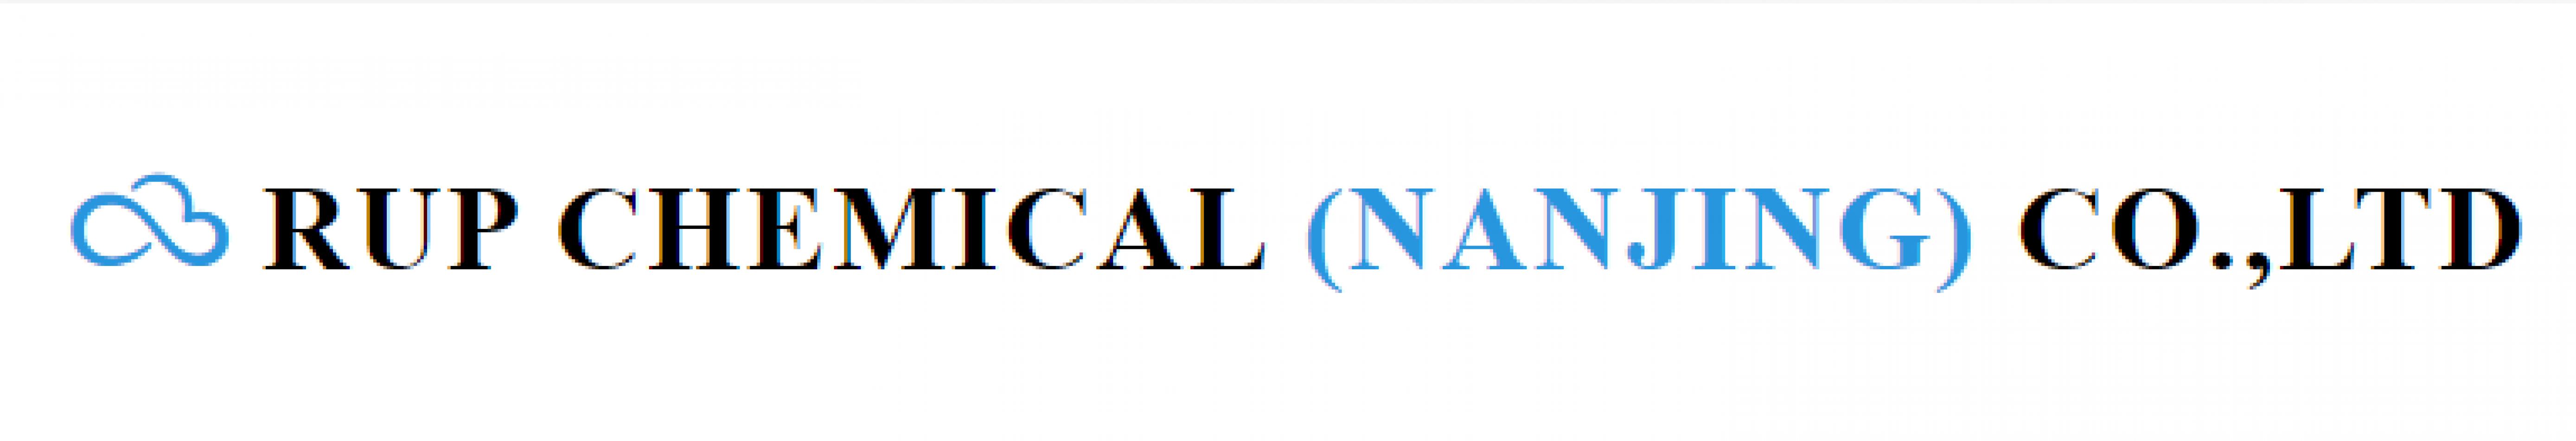 RUP CHEMICAL(NANJING) CO., LTD